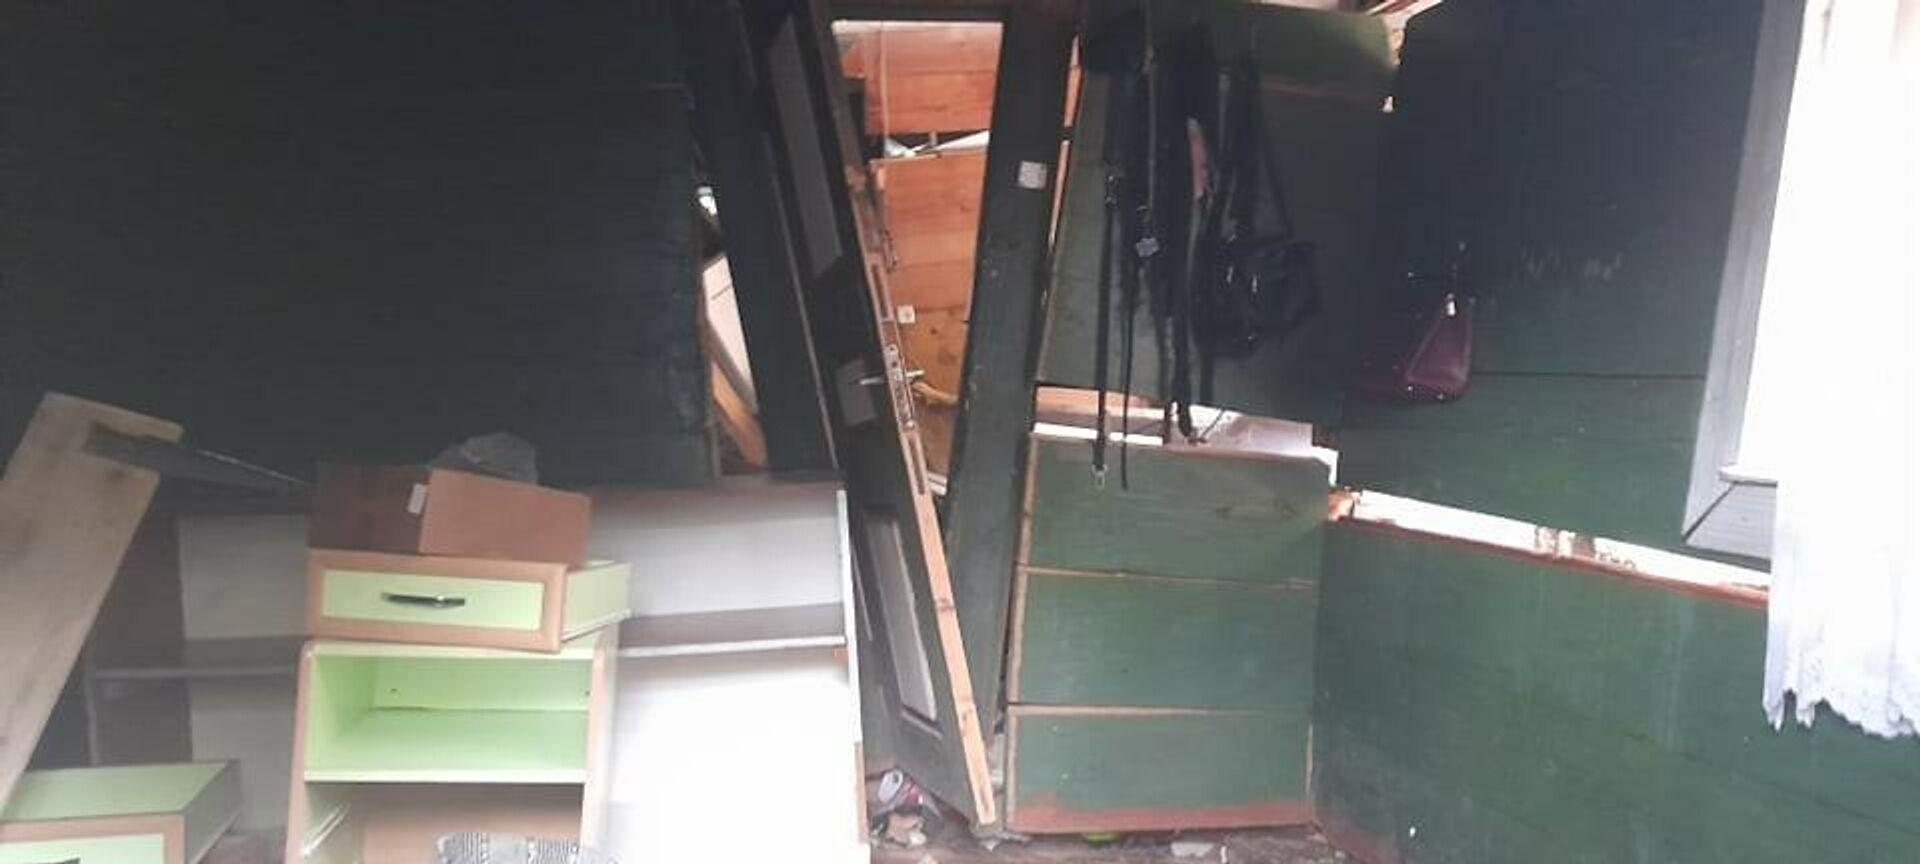 Оползень в Хелвачаурском районе Аджарии. Поврежденные и разрушенные дома в селе Периа - Sputnik Грузия, 1920, 22.09.2021